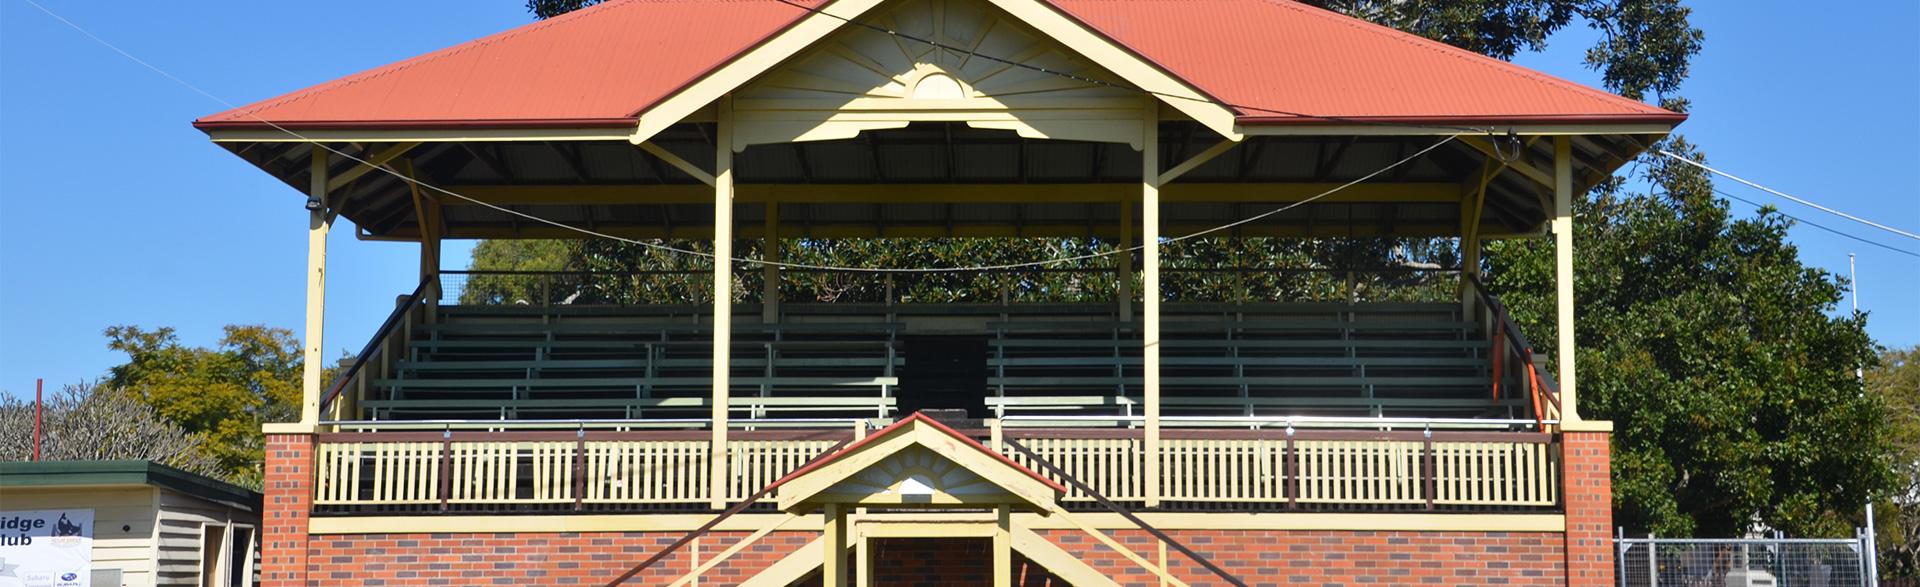 Kids Team Sport Brisbane Brisbane Junior Rugby Union Team - Taylor Bridge Junior Rugby Club Brisbane